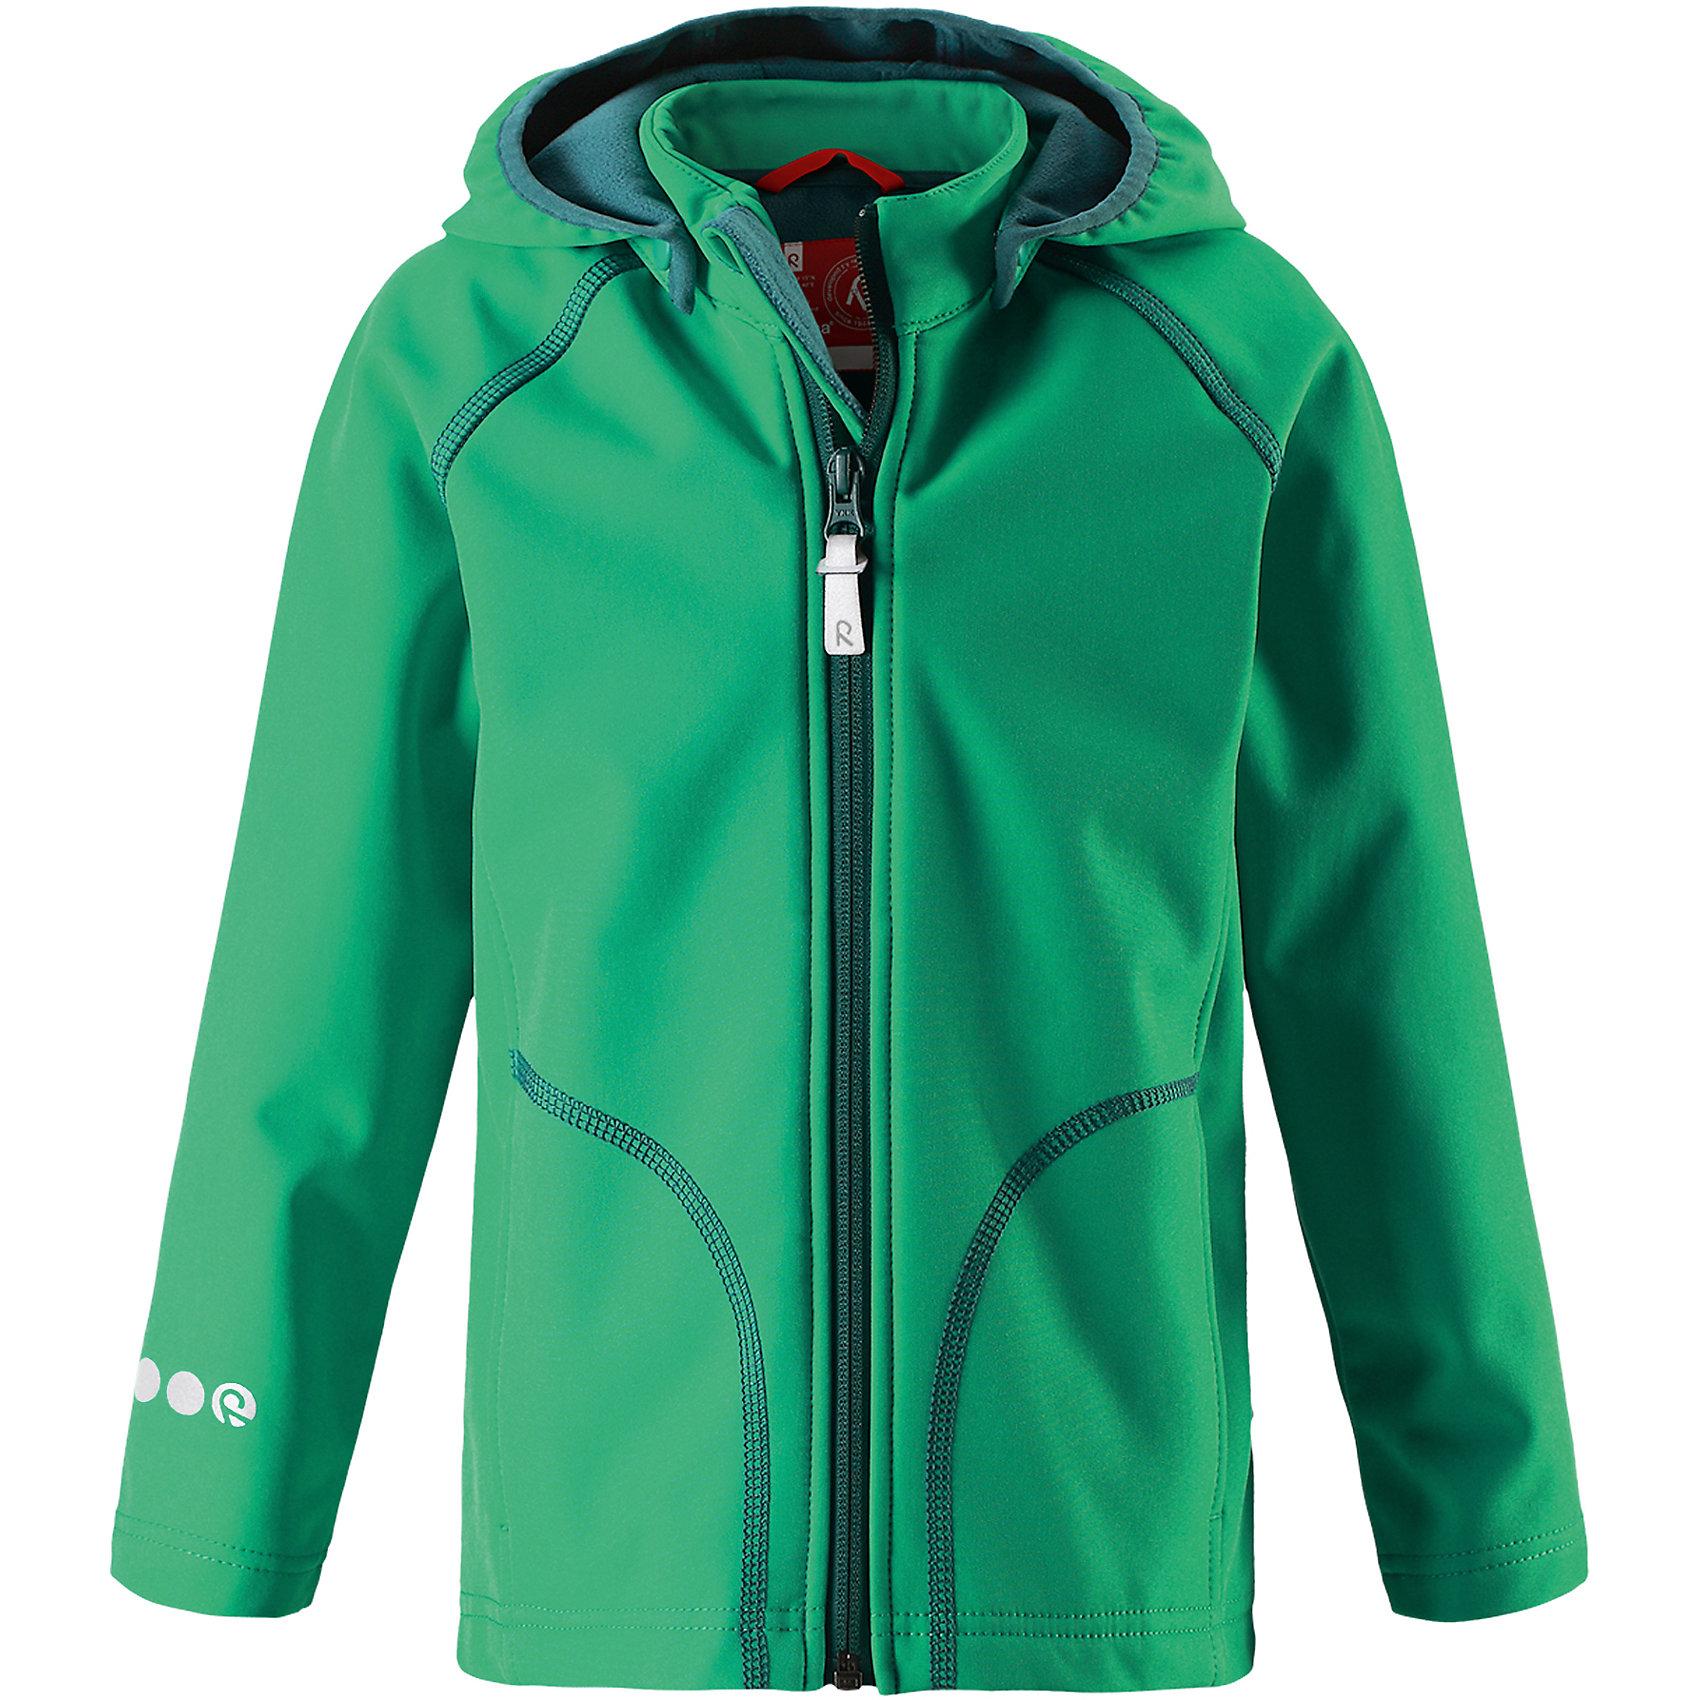 Куртка Vanti ReimaХарактеристики товара:<br><br>• цвет: зеленый<br>• состав: 95% полиэстер, 5% эластан, полиуретановое покрытие<br>• температурный режим: от +5°до +15°С<br>• многослойный материал, с изнаночной стороны - флис<br>• водонепроницаемый материал softshell<br>• ветронепроницаемый дышащий материал<br>• безопасный съемный капюшон<br>• два боковых кармана<br>• без утеплителя<br>• молния<br>• комфортная посадка<br>• страна производства: Китай<br>• страна бренда: Финляндия<br>• коллекция: весна-лето 2017<br><br>Верхняя одежда для детей может быть модной и комфортной одновременно! Демисезонная куртка поможет обеспечить ребенку комфорт и тепло. Она отлично смотрится с различной одеждой и обувью. Изделие удобно сидит и модно выглядит. Материал - прочный, хорошо подходящий для межсезонья. Стильный дизайн разрабатывался специально для детей.<br><br>Одежда и обувь от финского бренда Reima пользуется популярностью во многих странах. Эти изделия стильные, качественные и удобные. Для производства продукции используются только безопасные, проверенные материалы и фурнитура. Порадуйте ребенка модными и красивыми вещами от Reima! <br><br>Куртку Reimatec® от финского бренда Reima (Рейма) можно купить в нашем интернет-магазине.<br><br>Ширина мм: 356<br>Глубина мм: 10<br>Высота мм: 245<br>Вес г: 519<br>Цвет: зеленый<br>Возраст от месяцев: 108<br>Возраст до месяцев: 120<br>Пол: Унисекс<br>Возраст: Детский<br>Размер: 140,128,104,110,116,122,134<br>SKU: 5268498